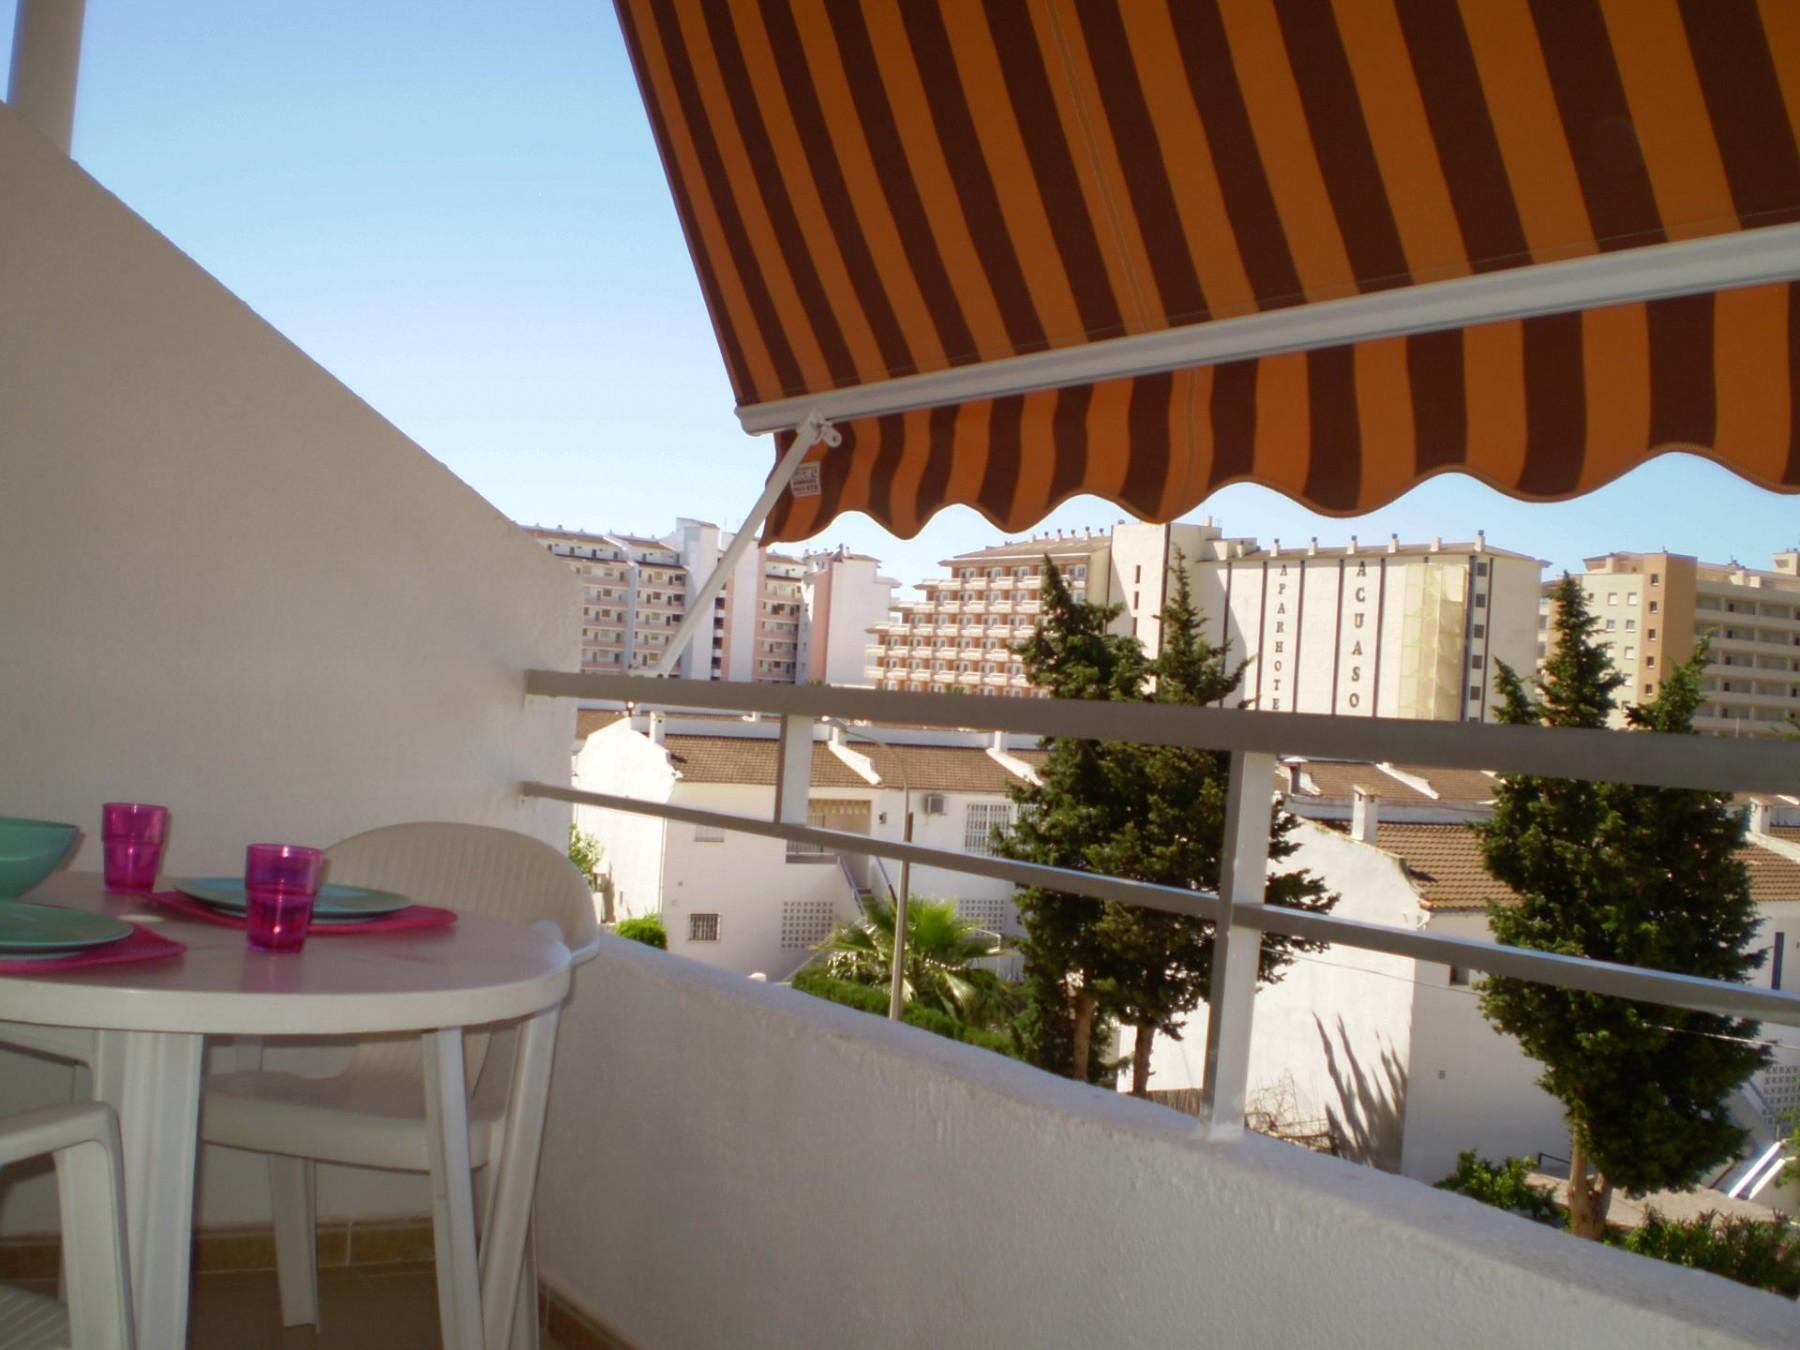 Apartamentos en pe iscola apartamentos cerca de la playa for Apartamentos con piscina y playa